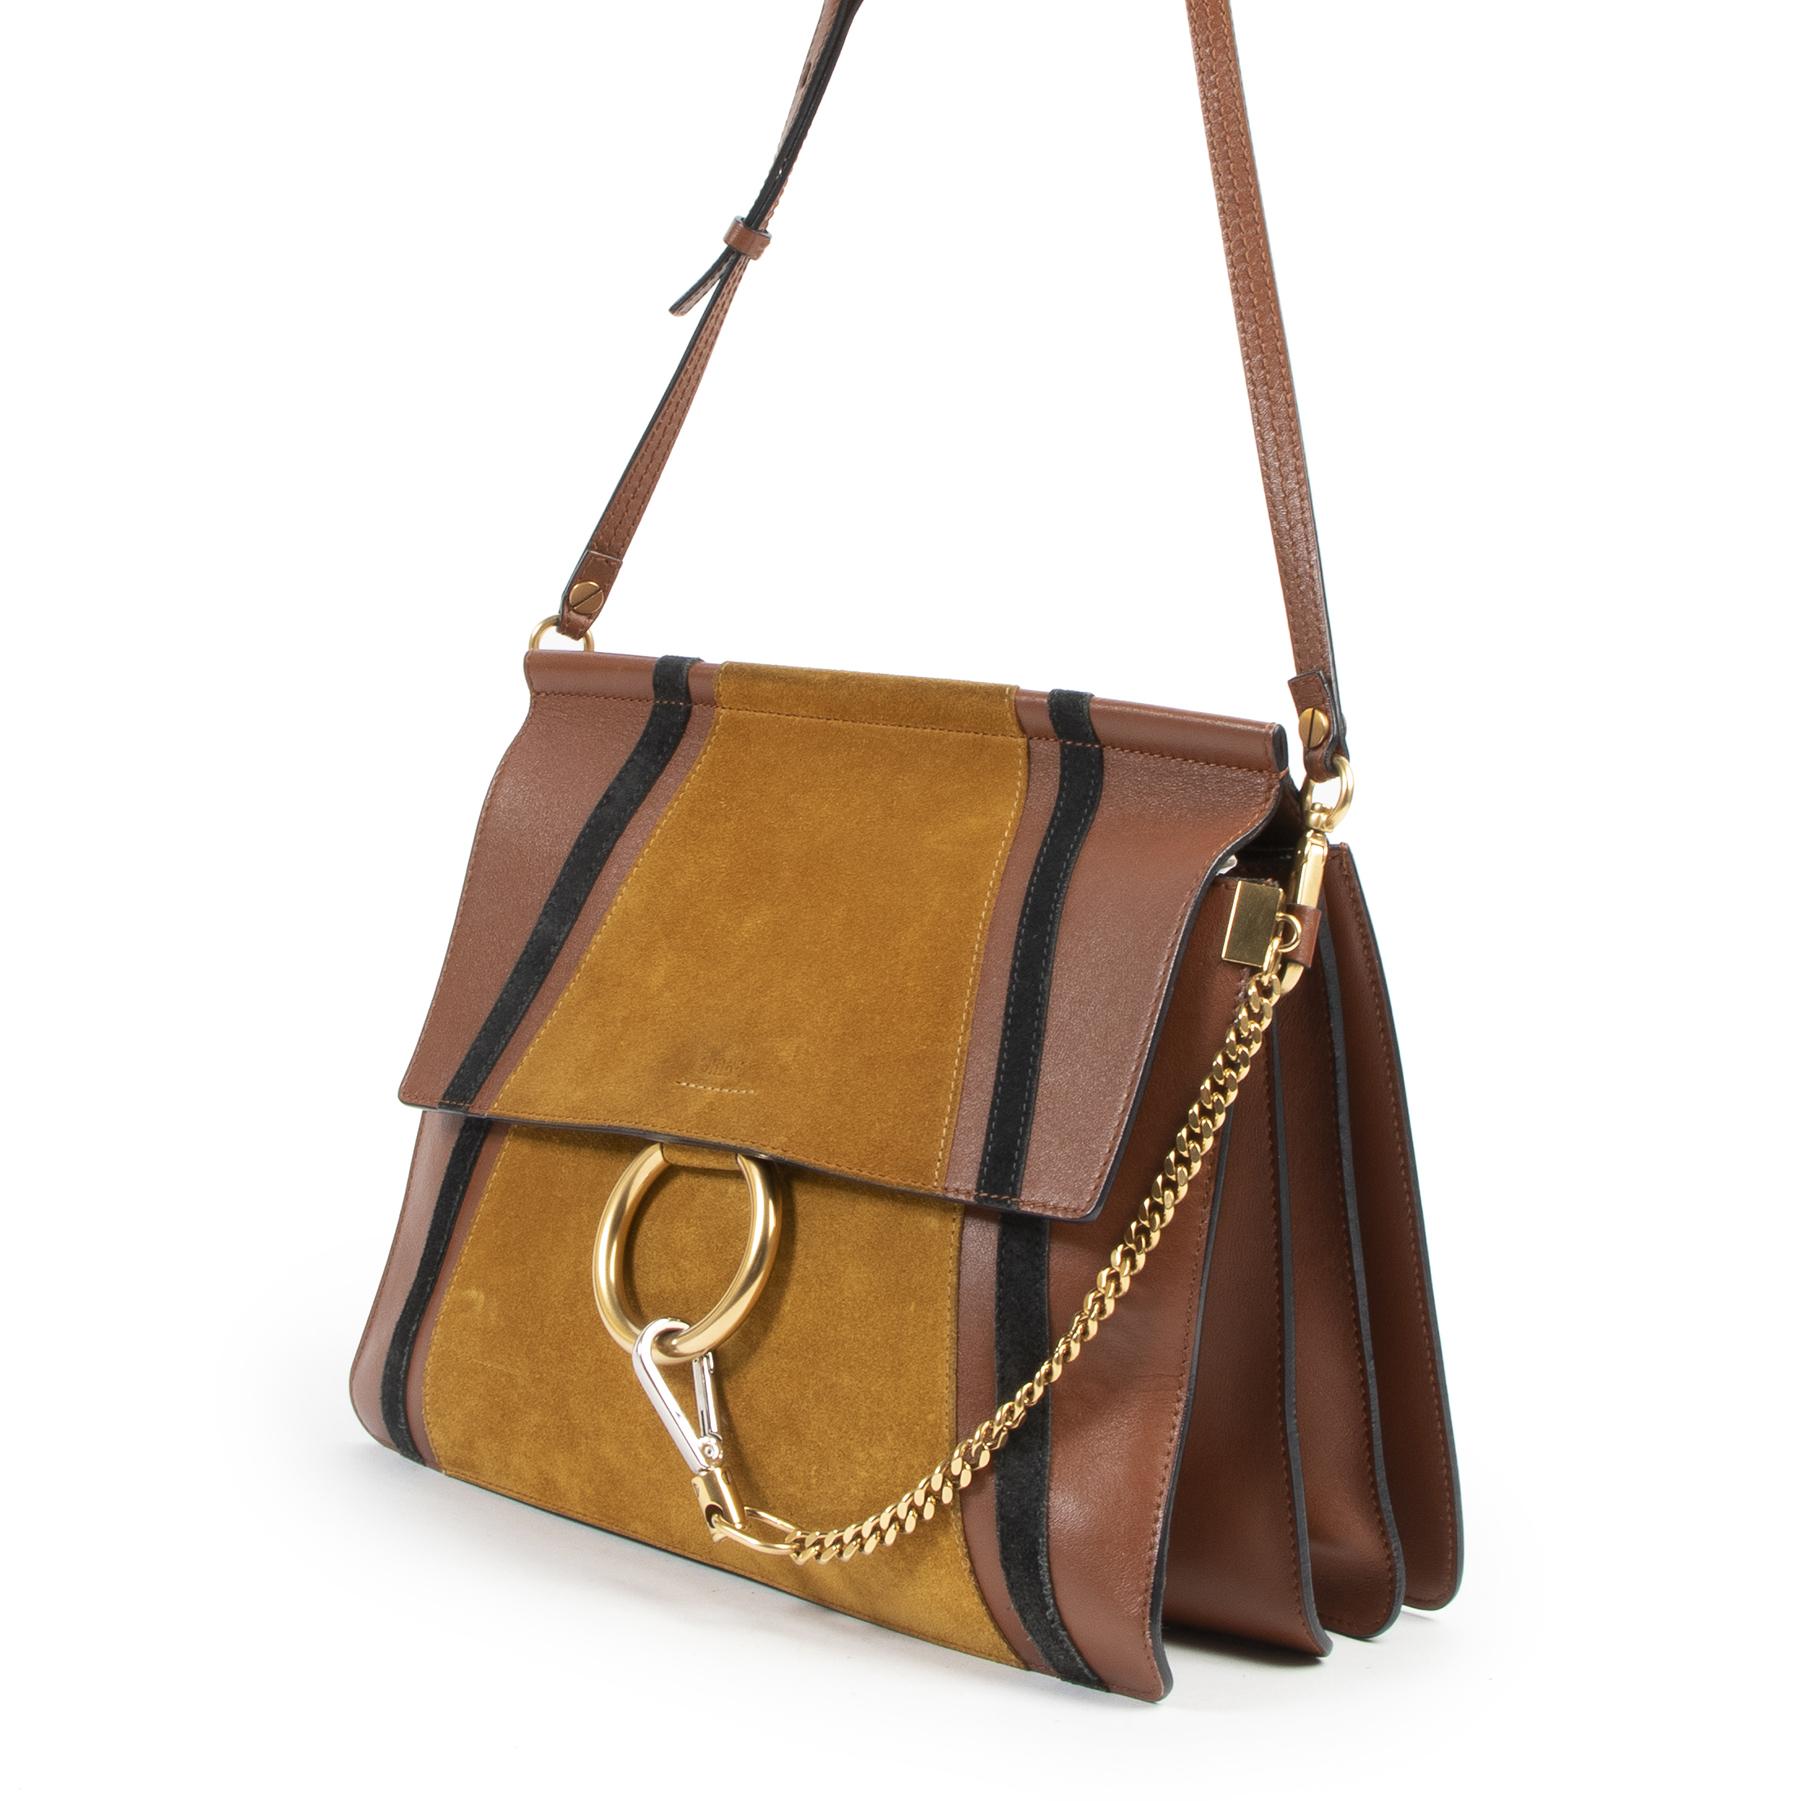 Chloé Faye Medium Patchwork Leather & Suede Bag pour le meilleur prix chez Labellov à Anvers Belgique